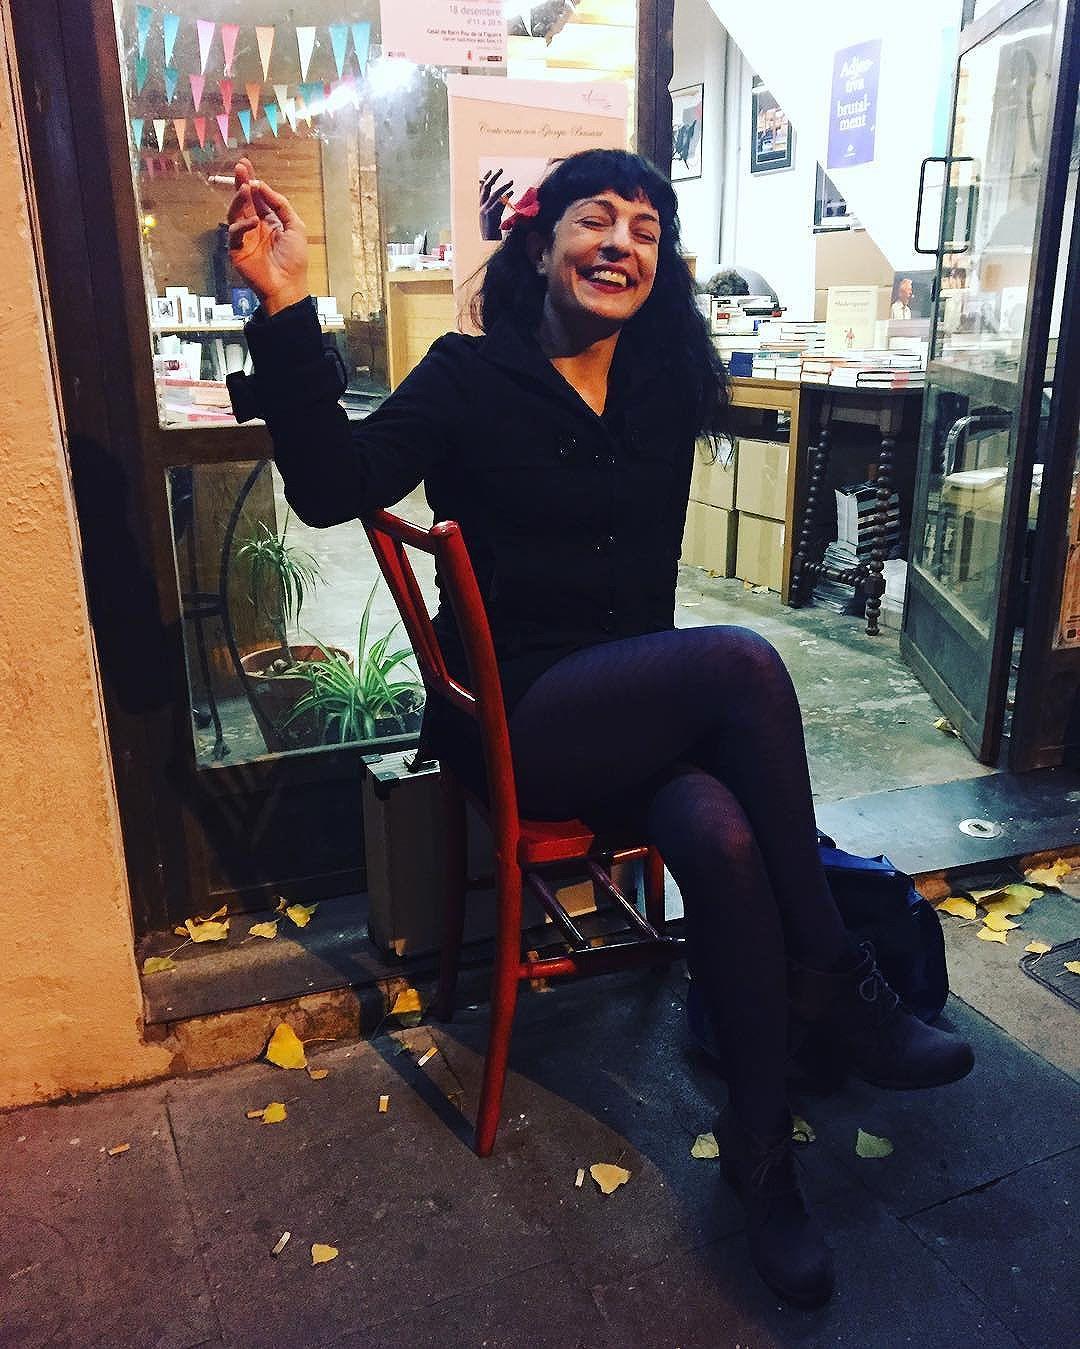 La silla de Xavier Giol @giolabril hace amigos :))